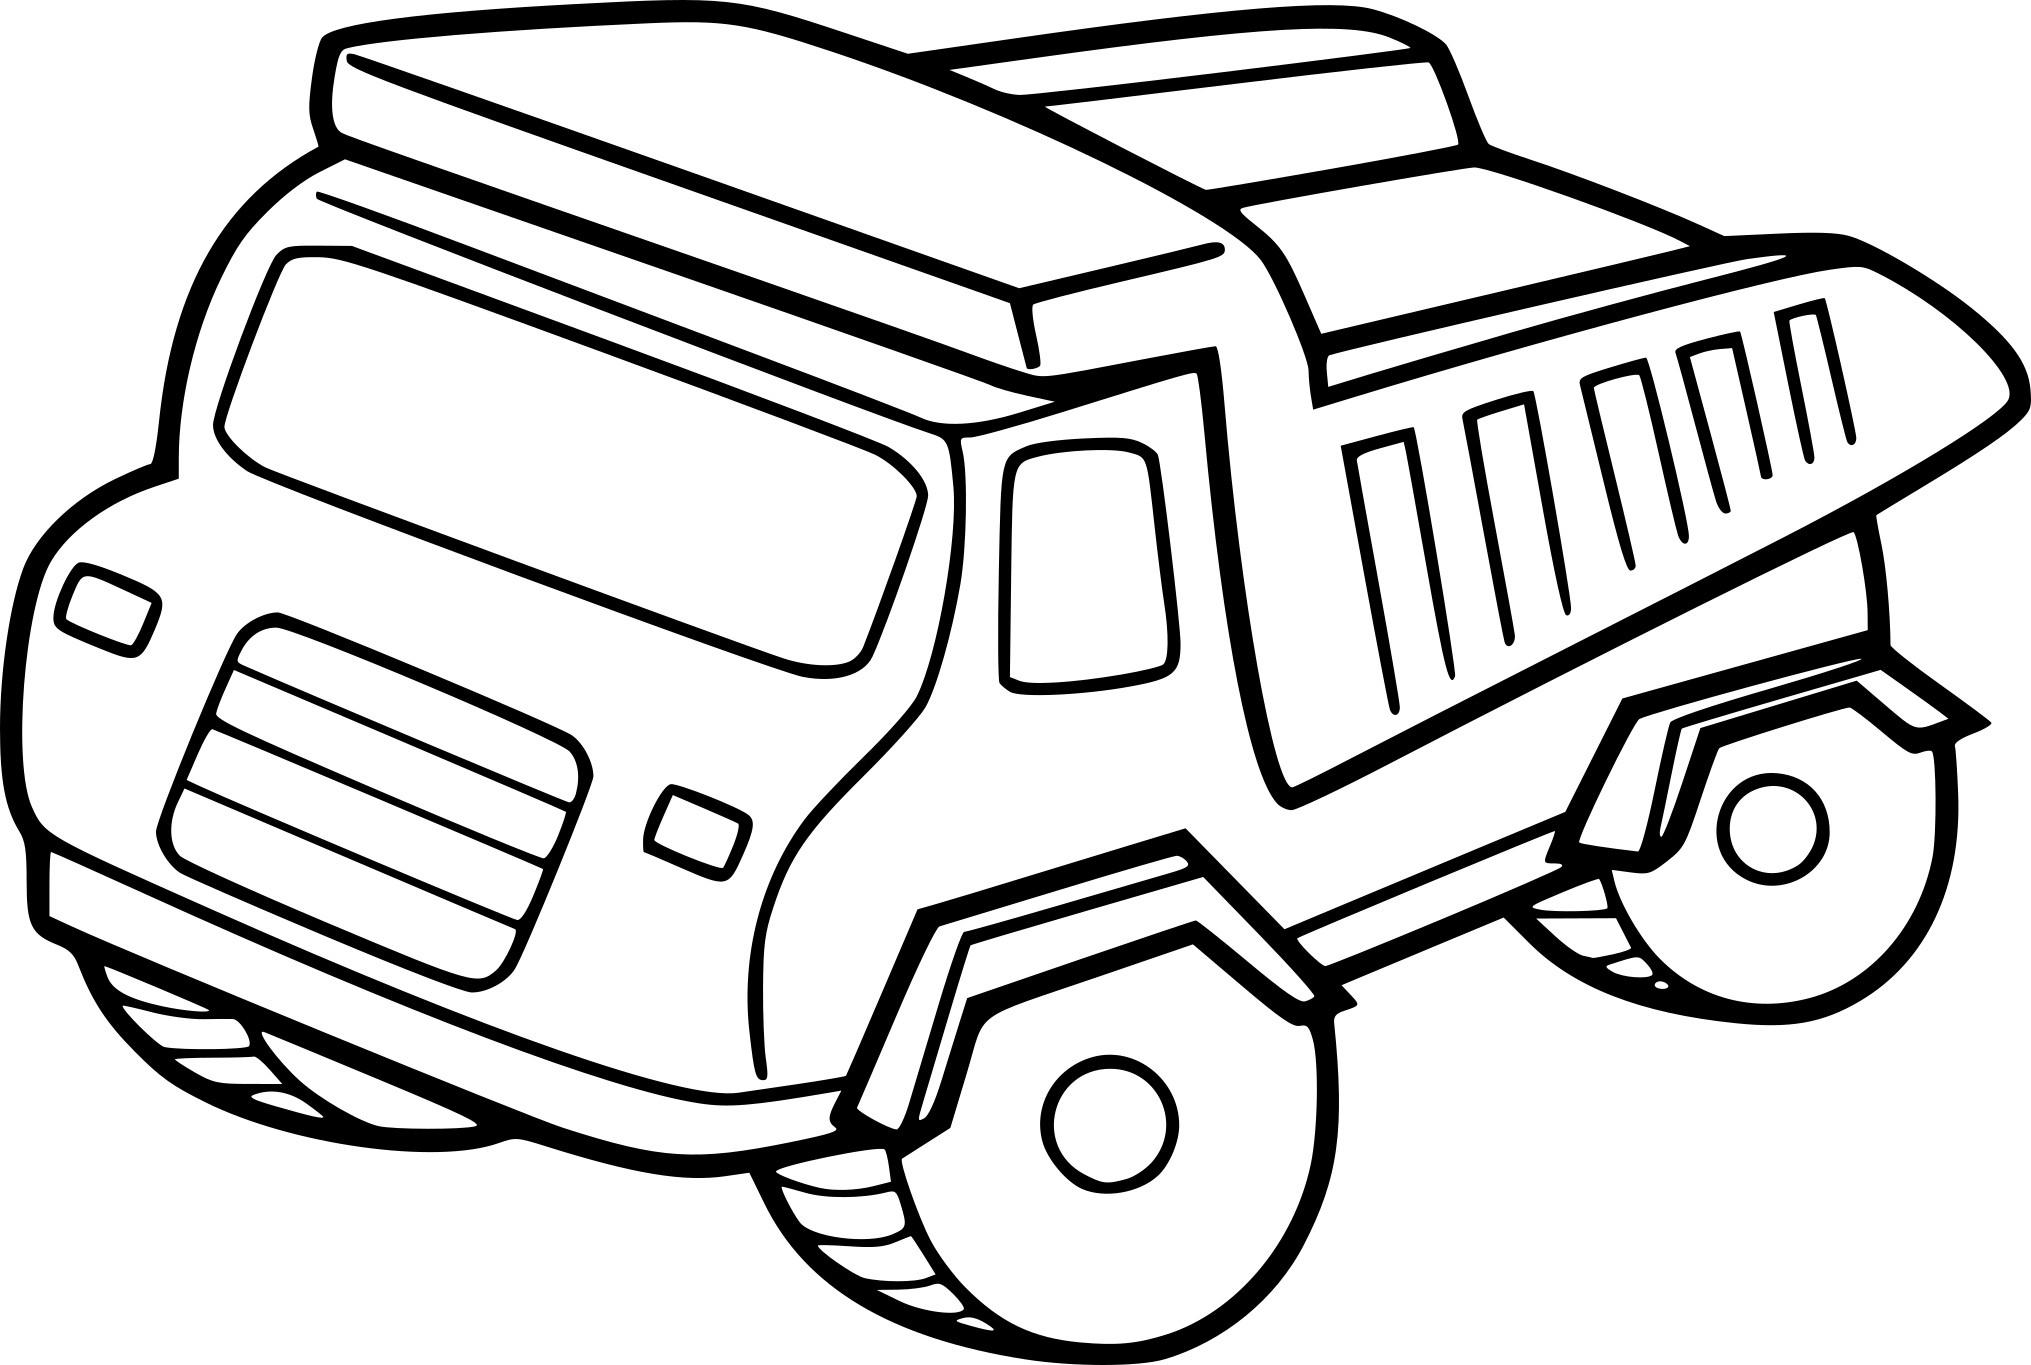 Coloriage Camion Pour Enfant À Imprimer Sur Coloriages Tout encequiconcerne Dessin Pour Enfant À Colorier